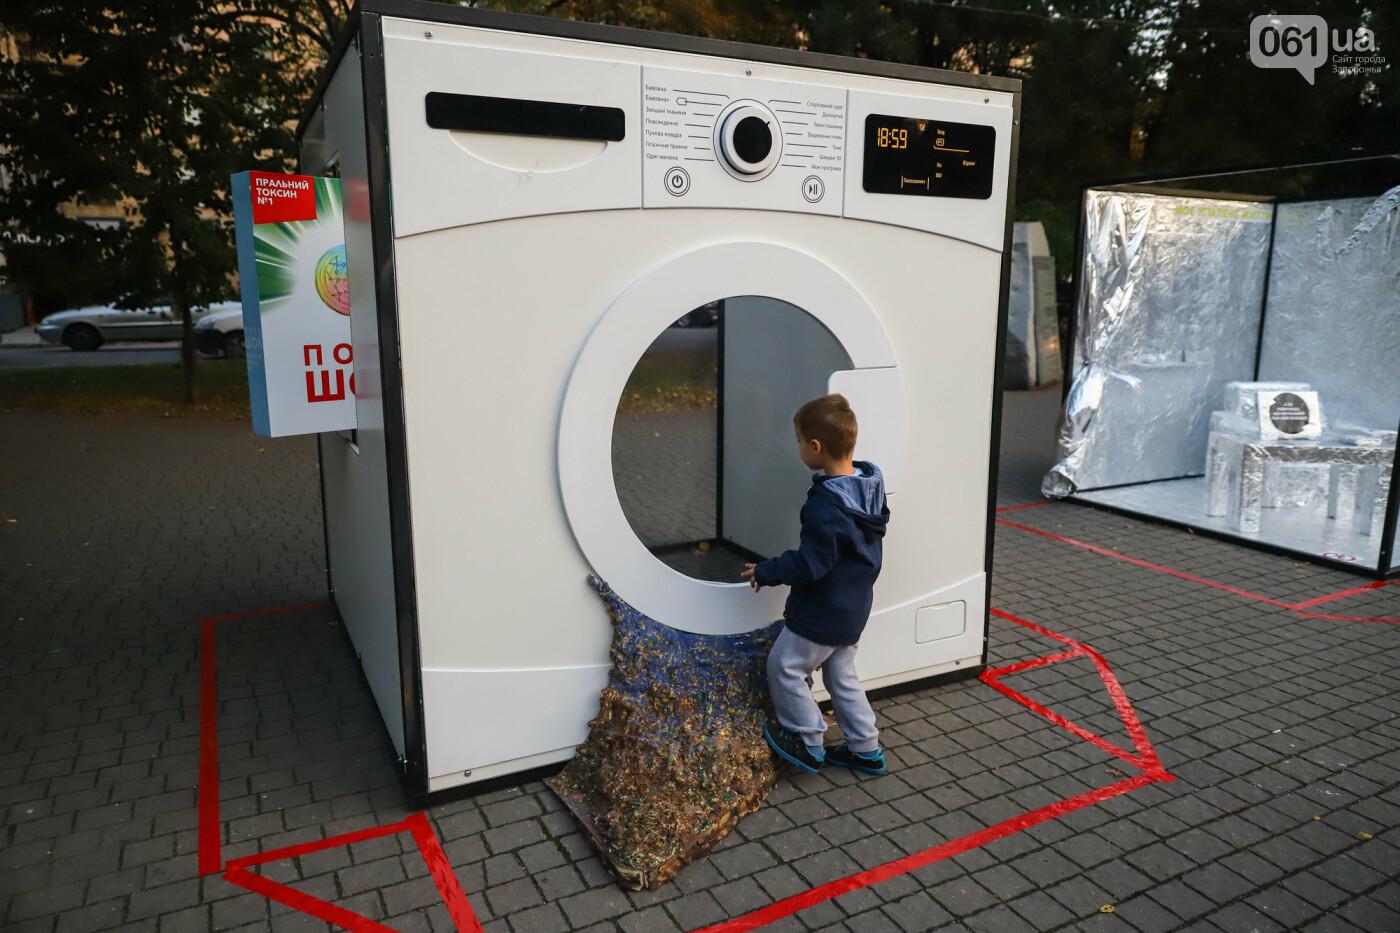 Огромная стиральная машина и комната из фольги: в центре Запорожья открылась эко-выставка, - ФОТОРЕПОРТАЖ , фото-1